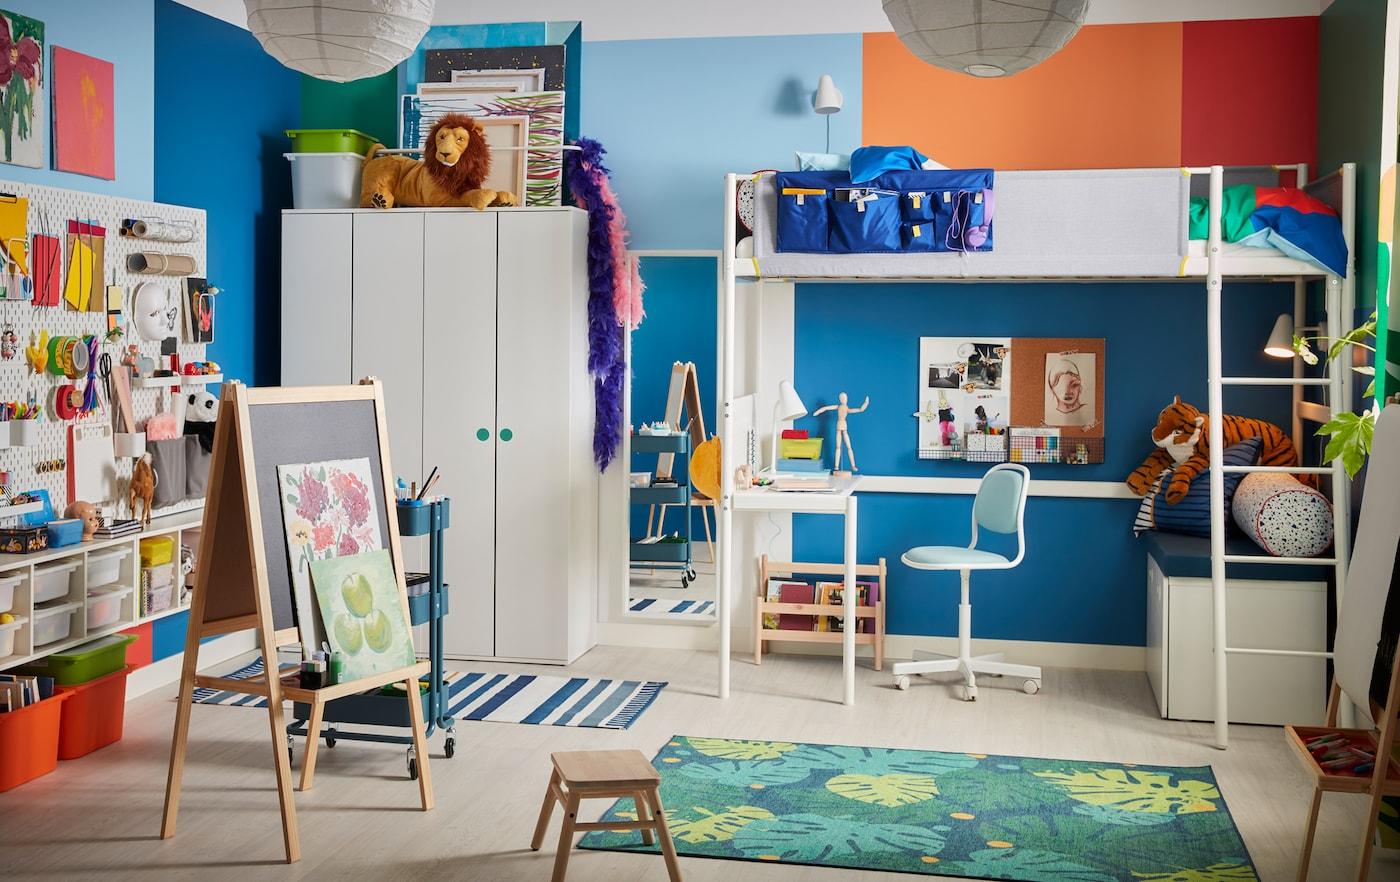 Una colorida sala para niños con una cama alta blanca, un caballete, una alfombra con dibujos de hojas y una silla de escritorio azul para niños.